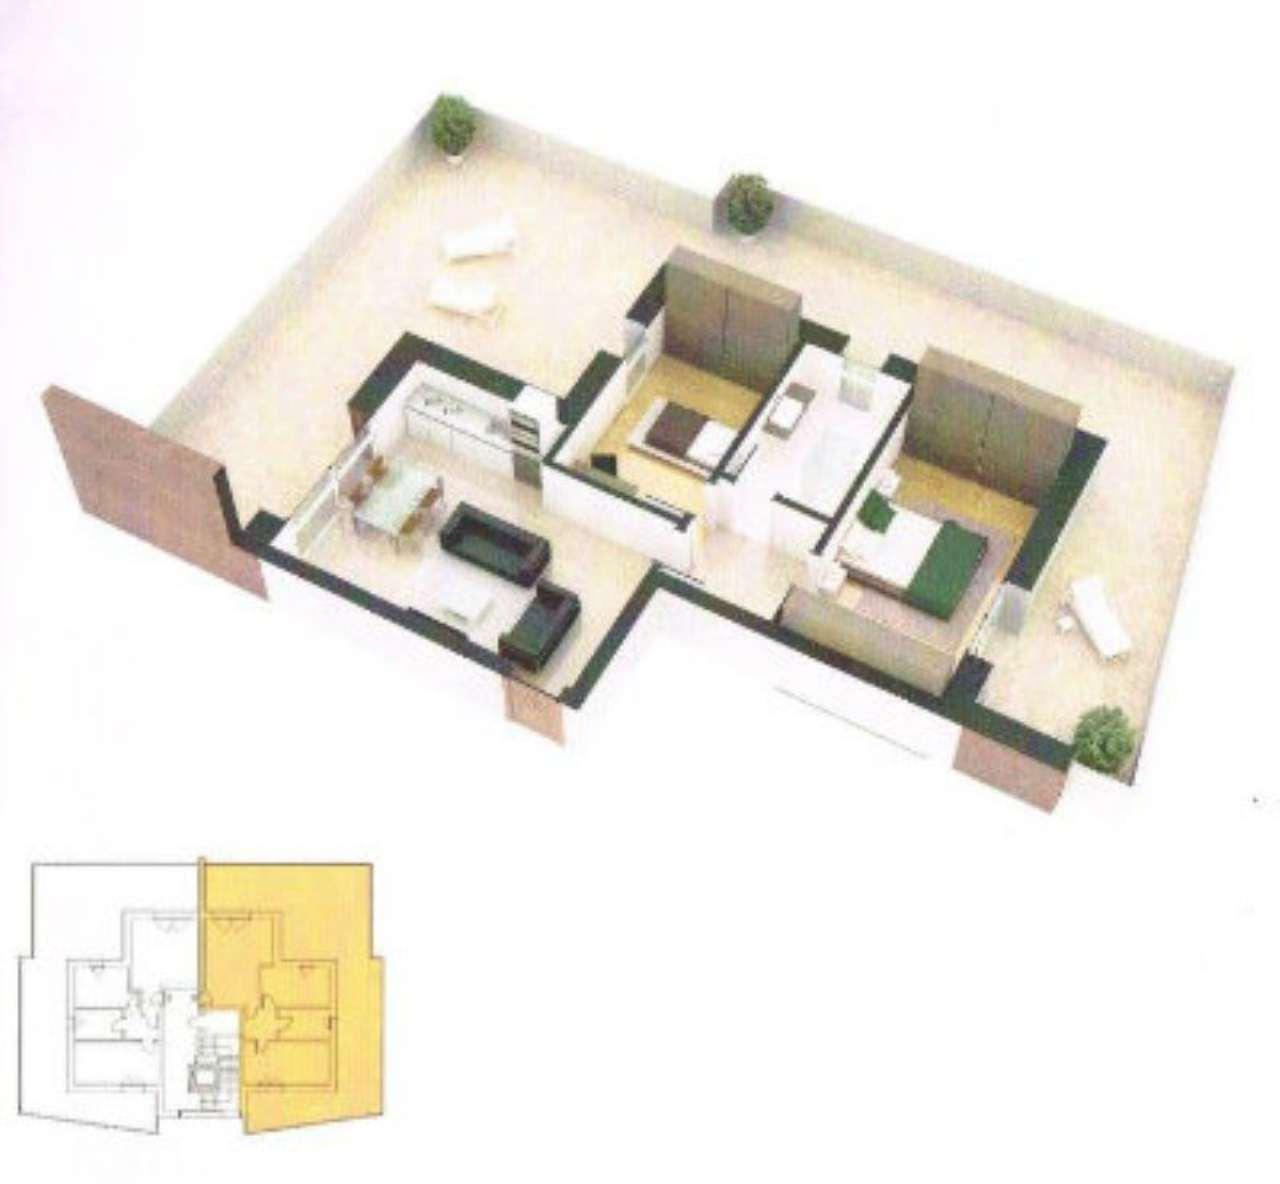 Attico / Mansarda in vendita a Sant'Agata Bolognese, 3 locali, prezzo € 250.000   Cambio Casa.it